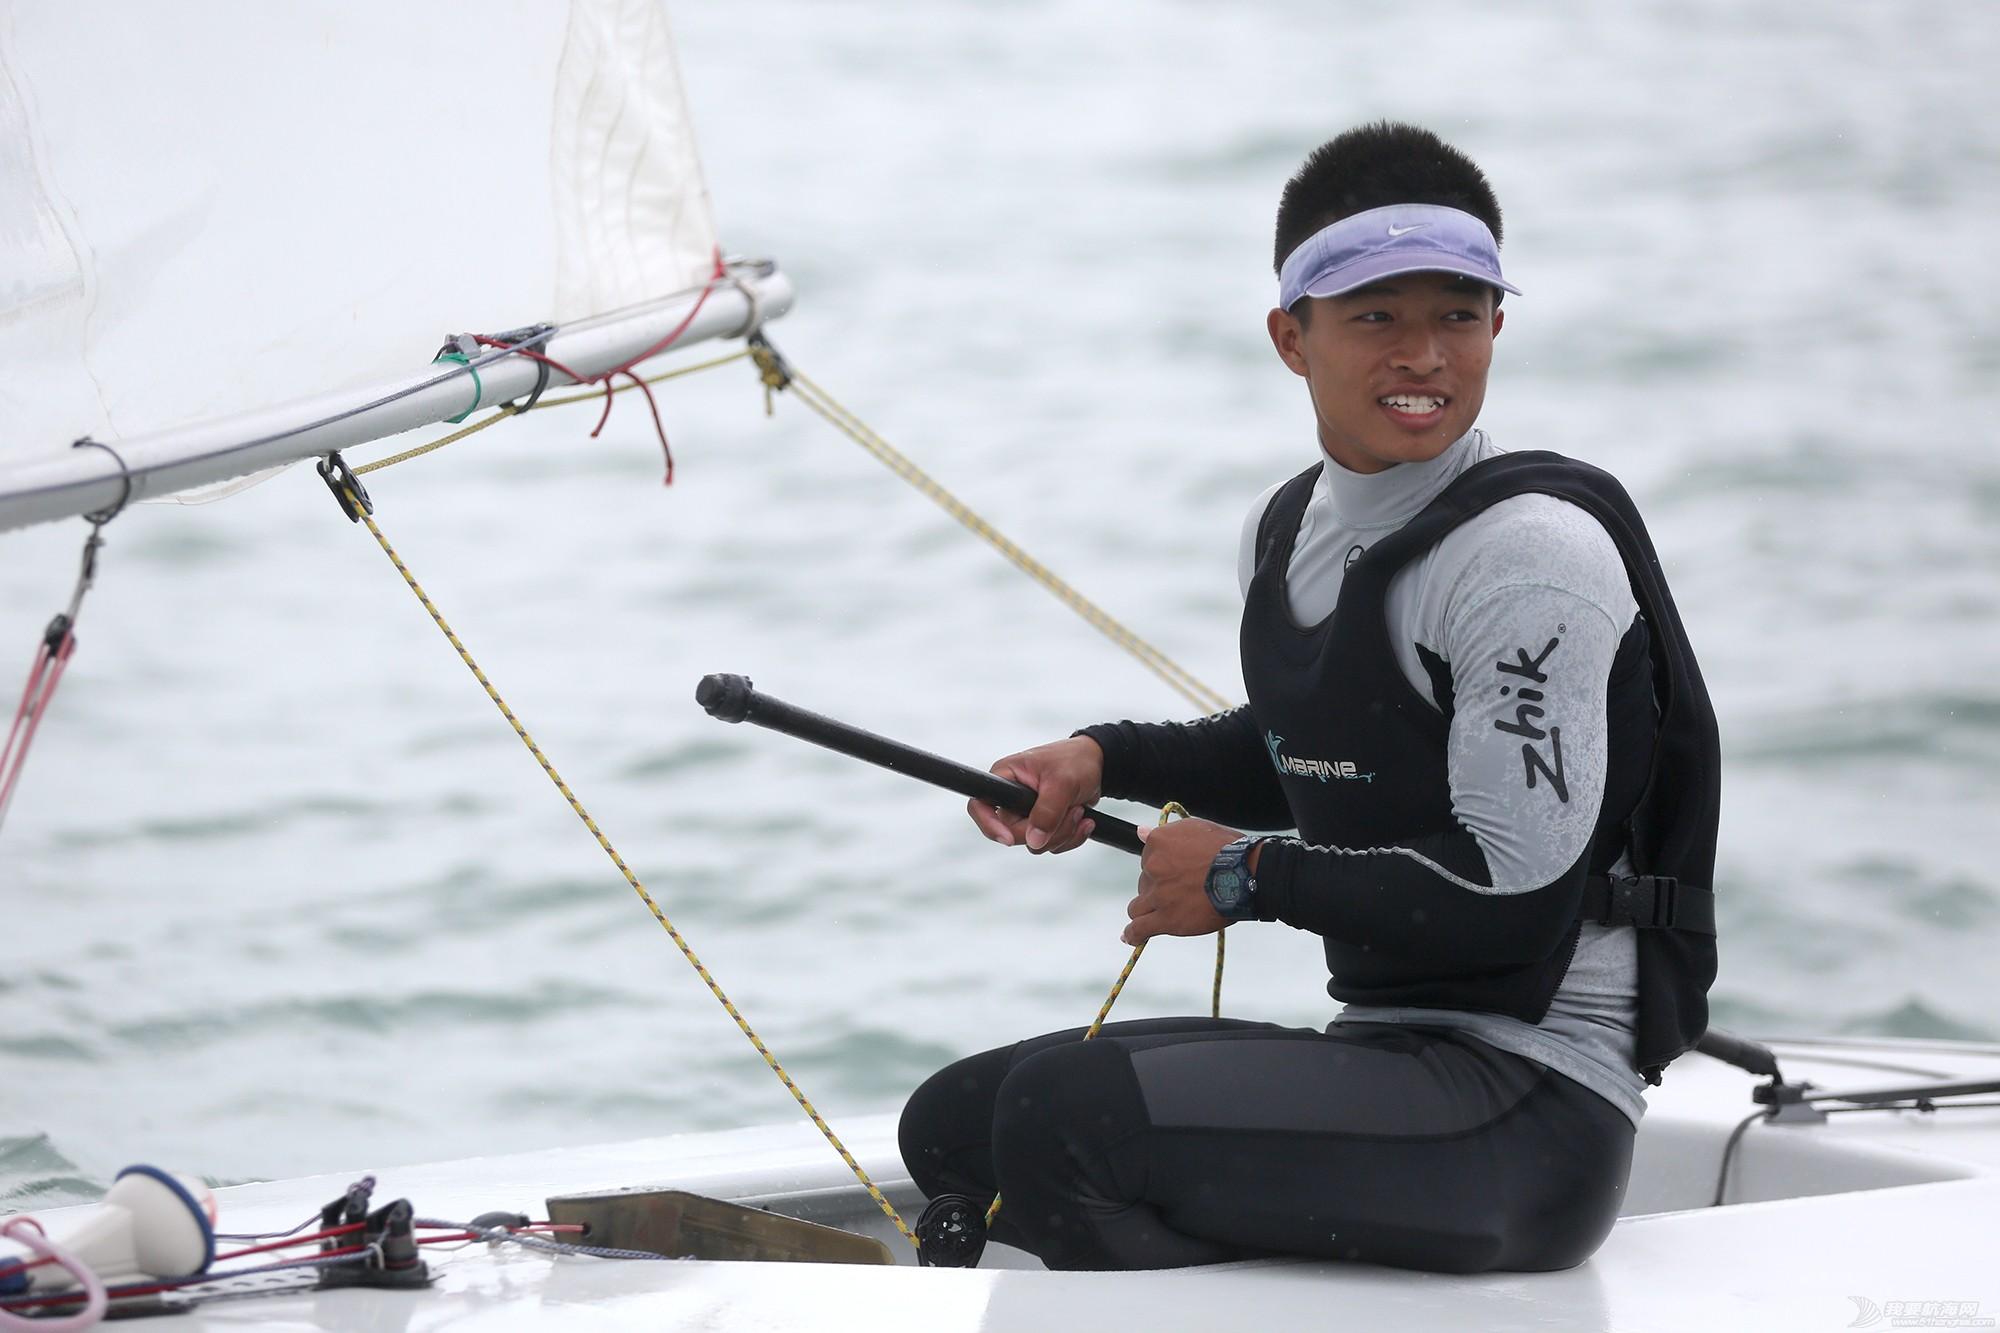 山东省,运动员,冠军赛,天气,帆板 风生水起,怎奈个个都是浪里白条——山东省帆船帆板冠军赛第二天赛况 5V8A2483副本.jpg